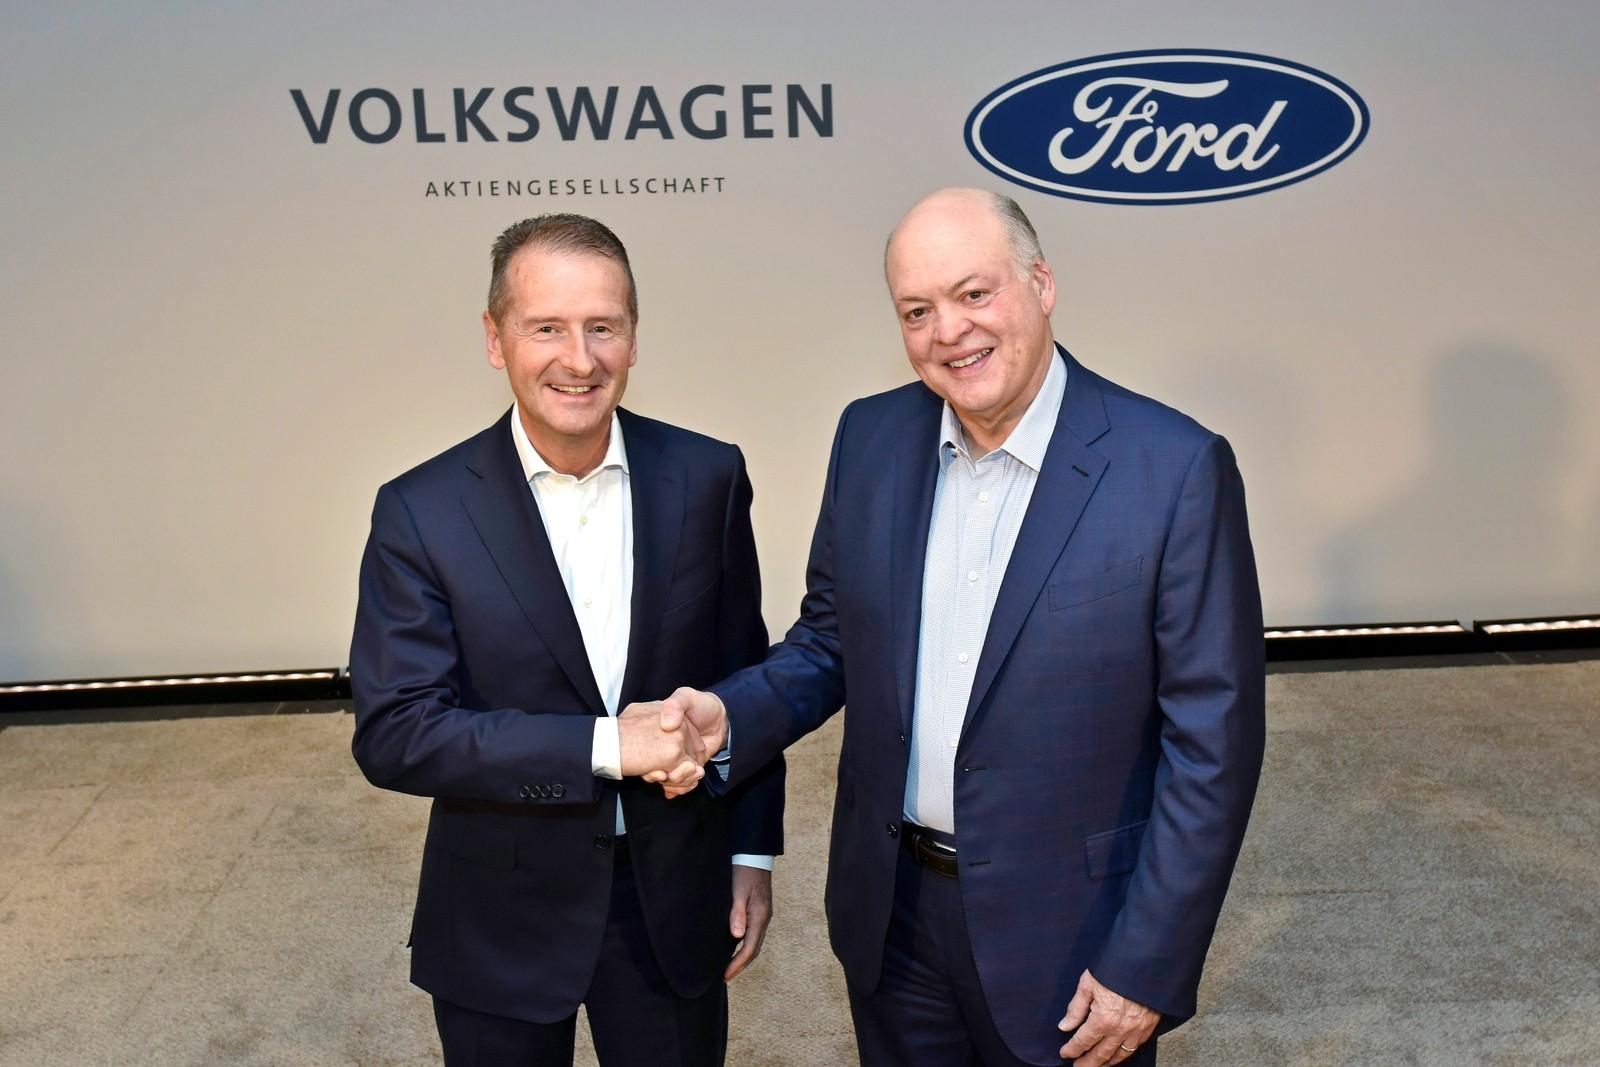 Глава VW Герберт Дисс (слева) и глава Ford Джим Хэкетт (справа) вновь пожали друг другу ручки в знак всё более многообещающего сотрудничества.